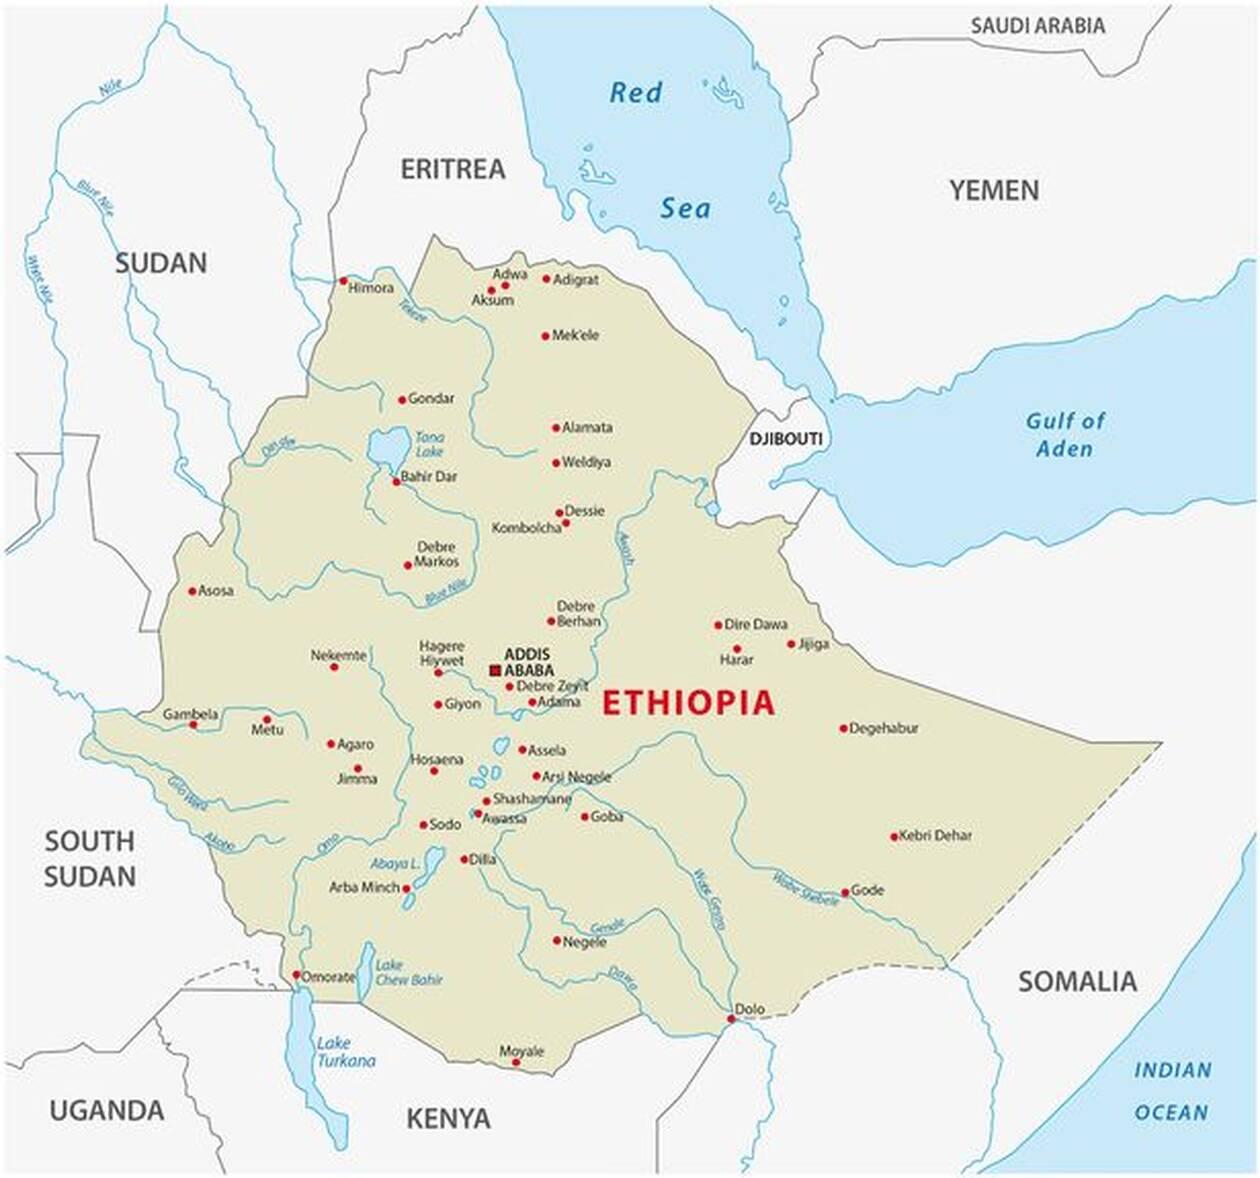 0_Ethiopia-map-77.jpg